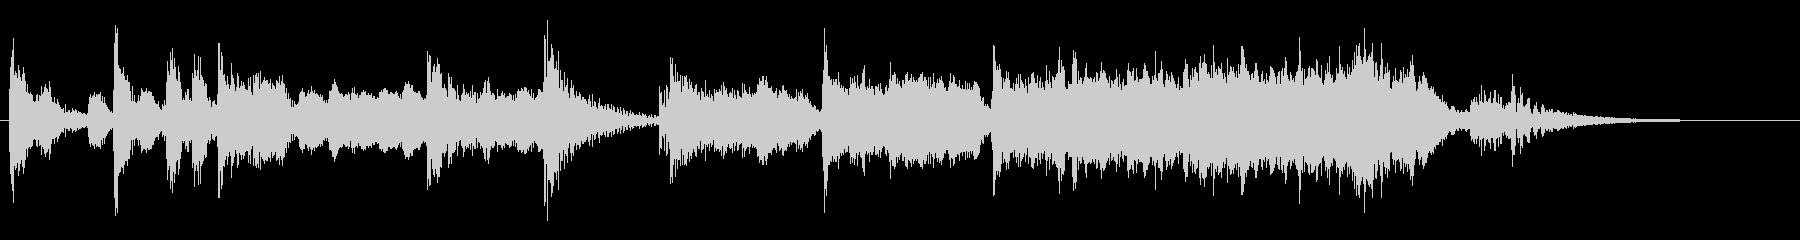 演歌な ジングル アイキャッチ 1の未再生の波形